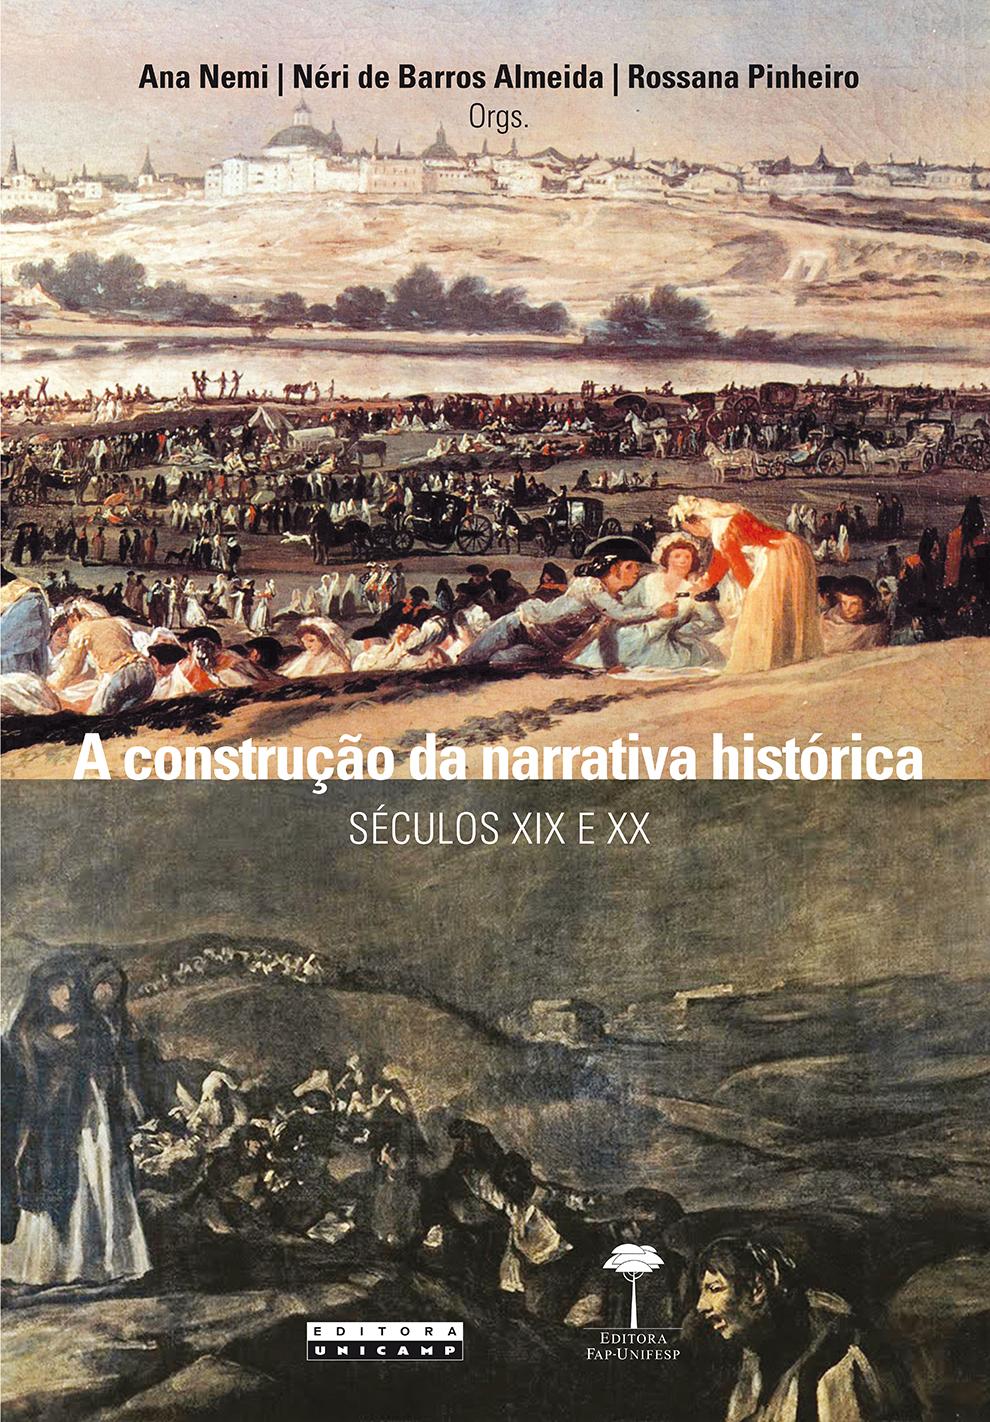 A construção da narrativa histórica - Séculos XIX e XX, livro de Ana Nemi, Néri de Barros Almeida, Rossana Alves Baptista Pinheiro